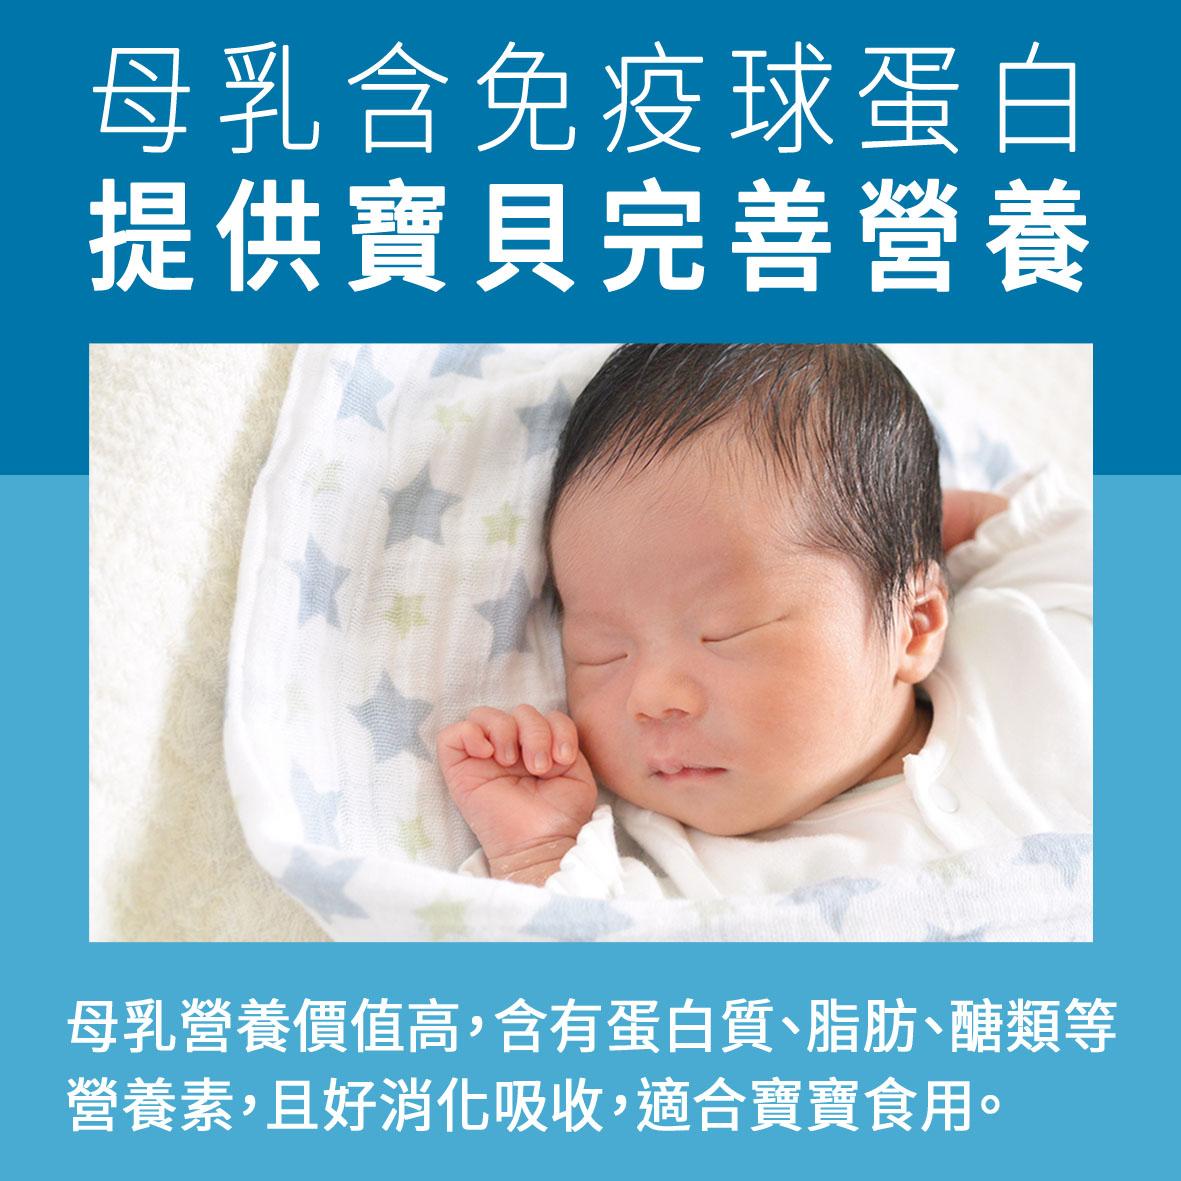 寶寶篇第1週-母乳含免疫球蛋白 提供寶寶完善營養